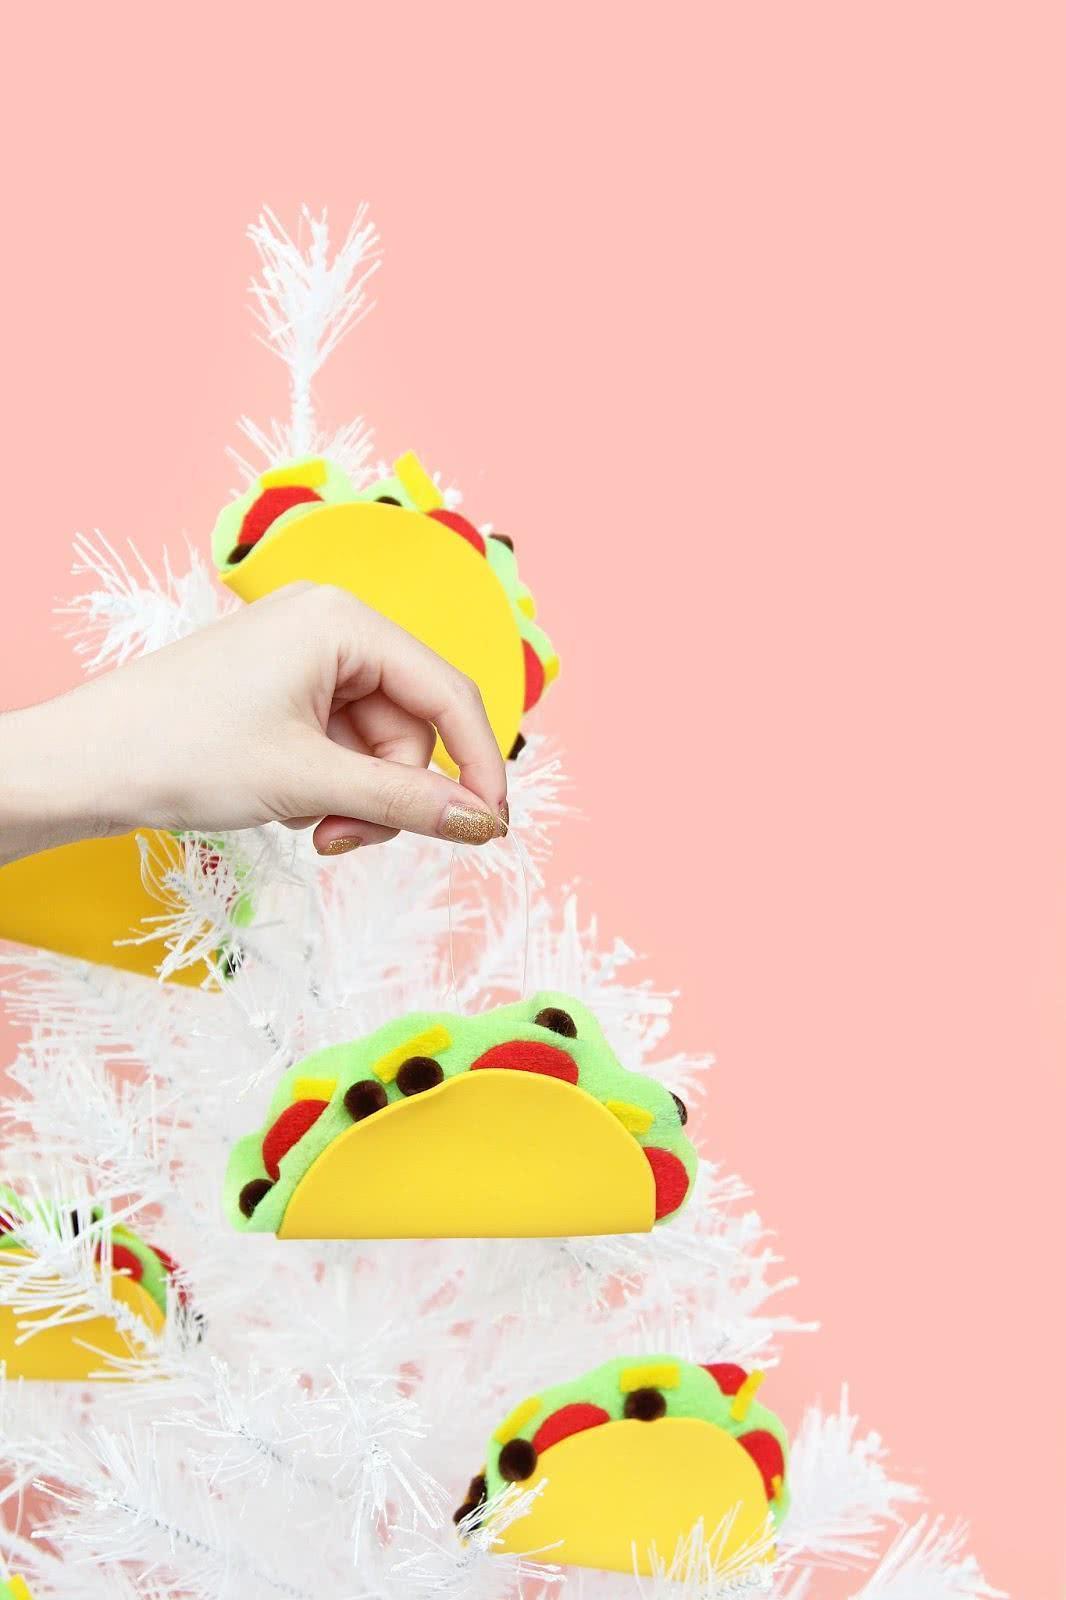 Decore sua árvore de Natal com estilo mexicano